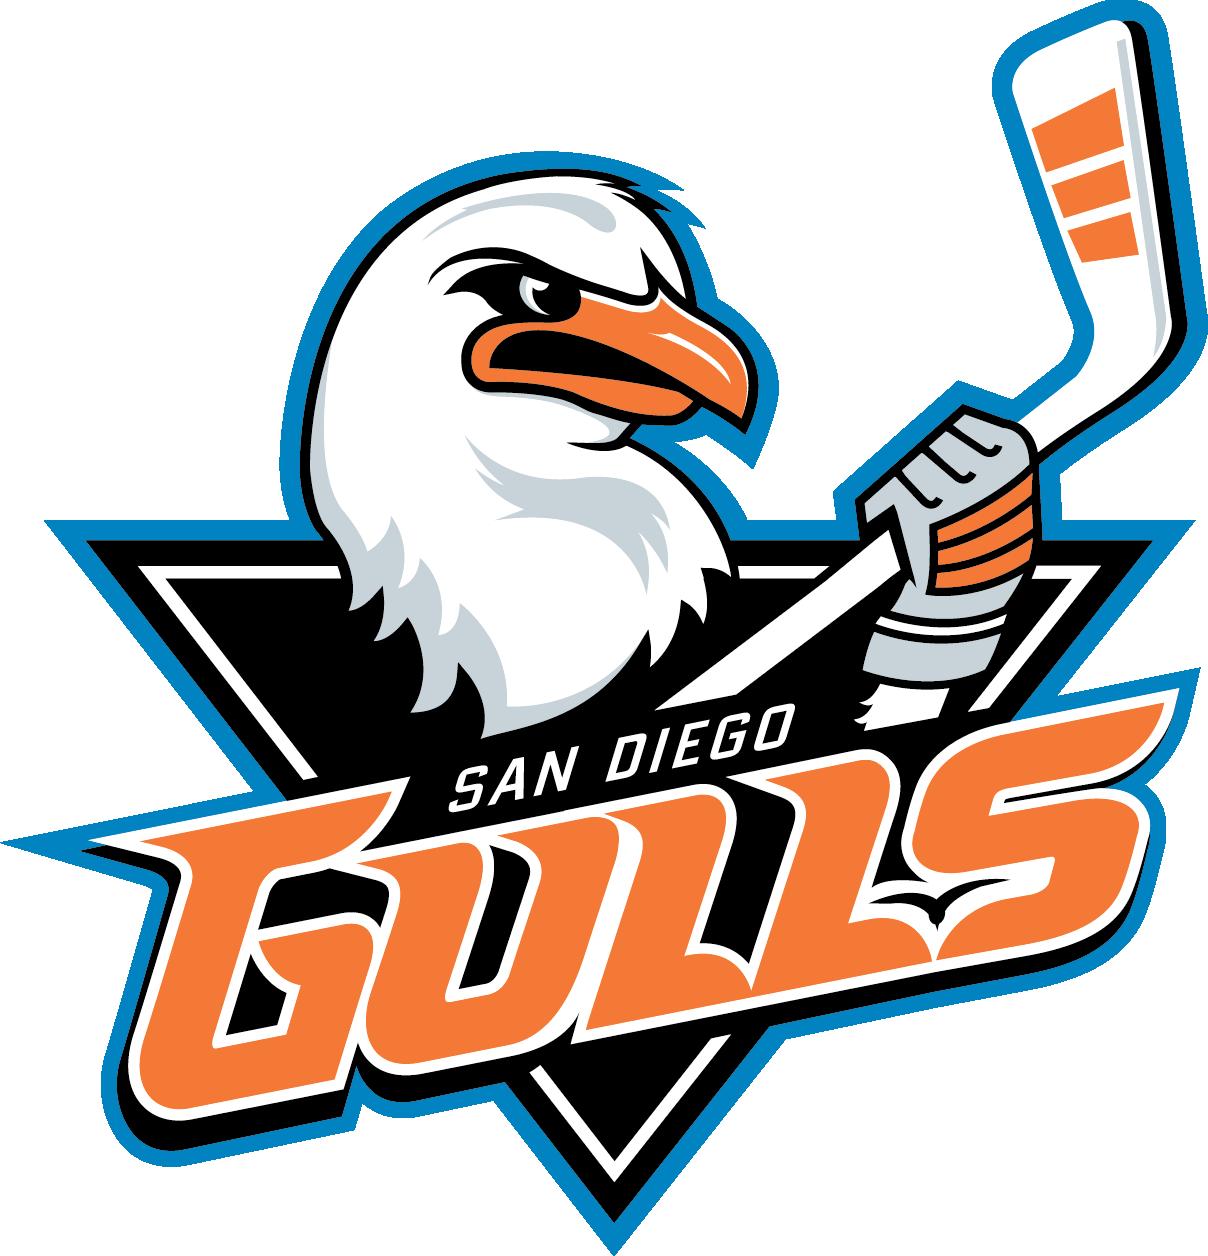 San Diego Gulls – 2015-16